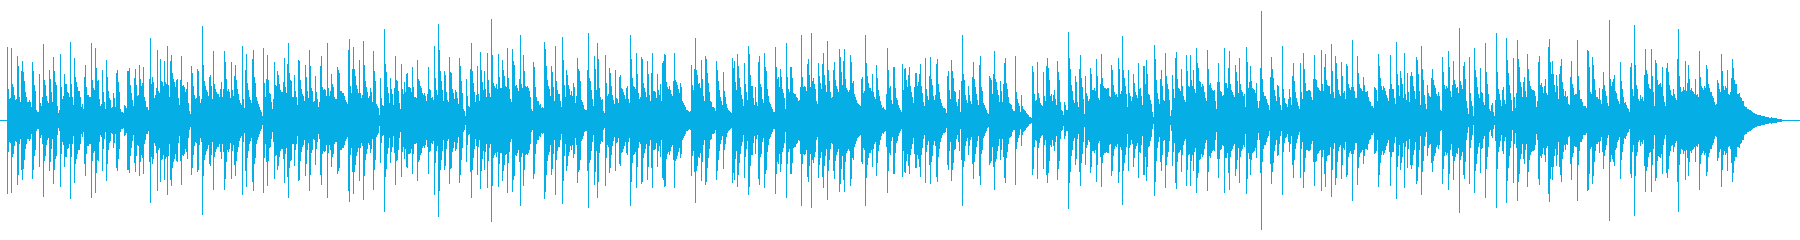 ほのぼののんびりしたウクレレの再生済みの波形